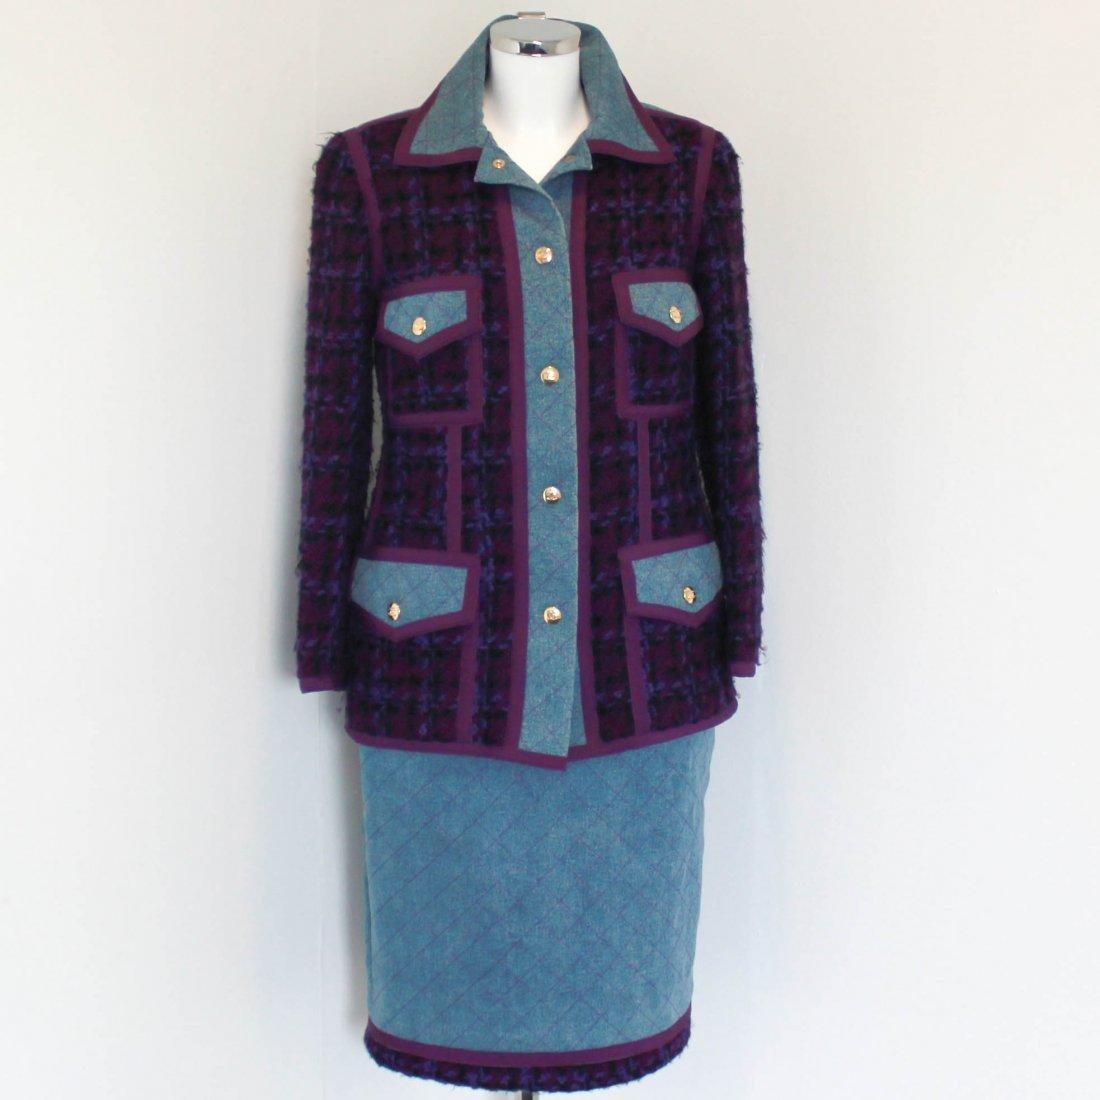 Chanel Denim & Tweed Suit